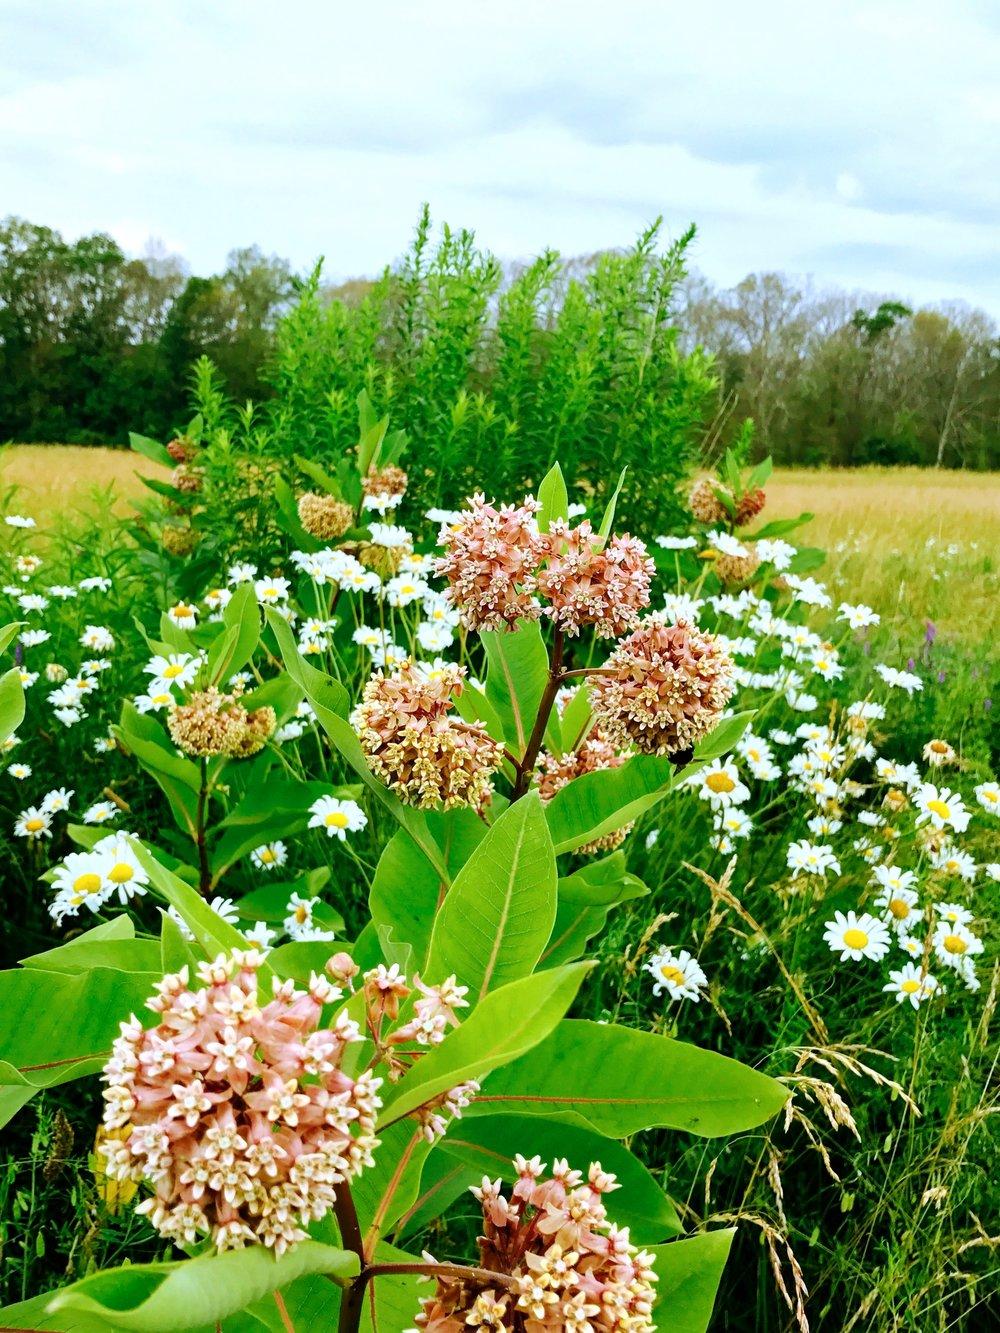 Milkweed & Daisies in the Meadow